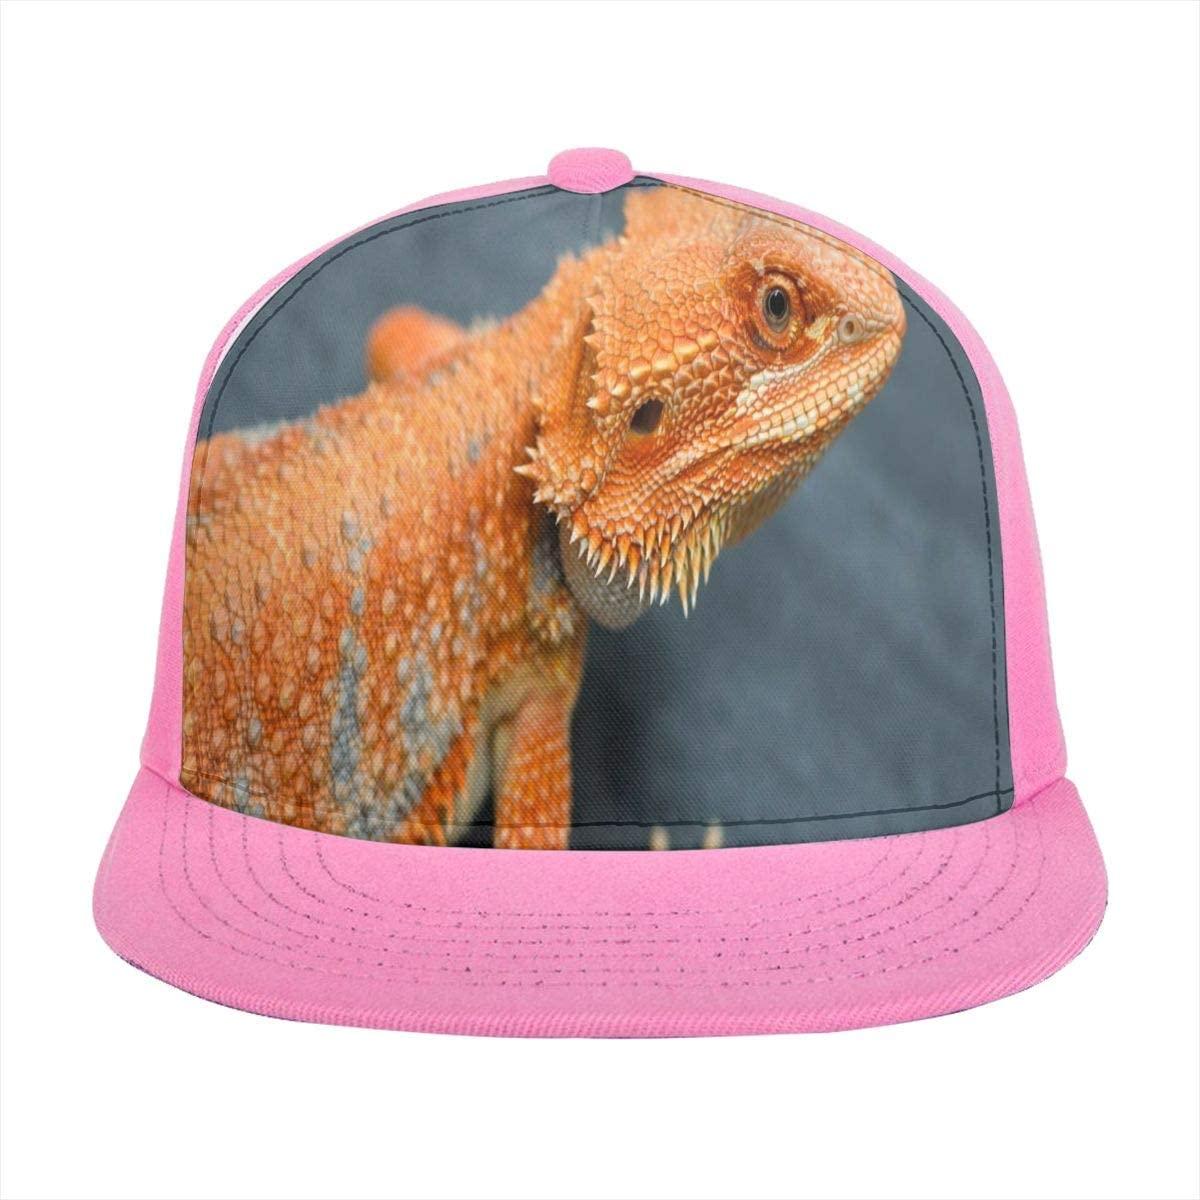 SLHFPX Baseball Cap Red Orange Breaded Dragon Sun Visor Flat Brim Hats Cap for Women Men Summer